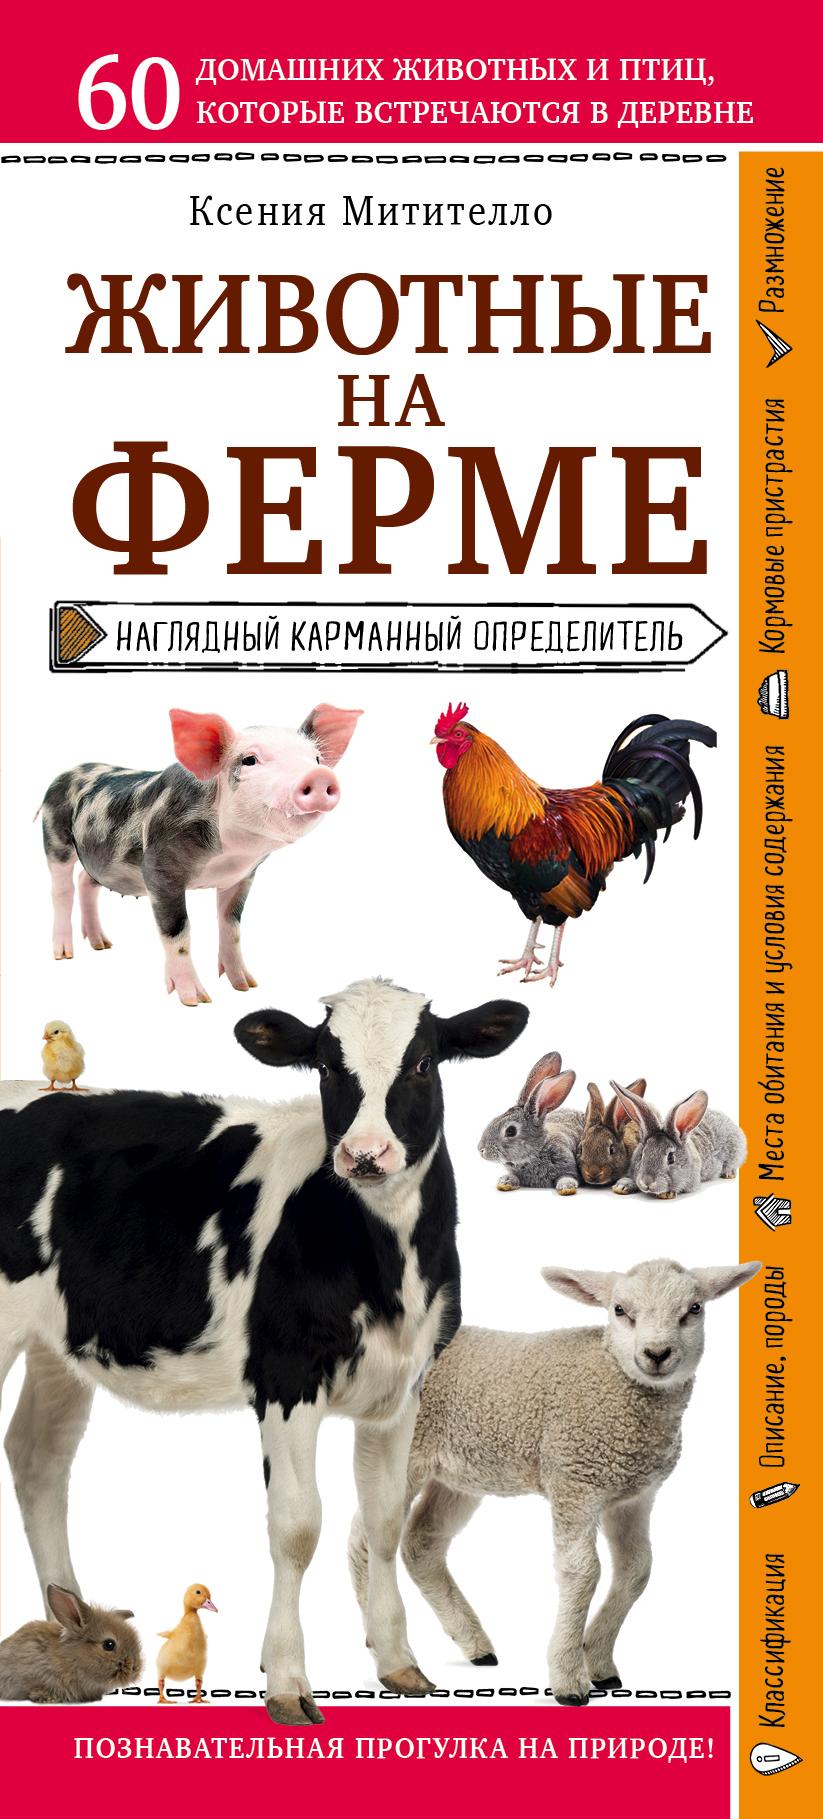 Купить книгу Животные фермы. Наглядный карманный определитель, автора Ксении Митителло